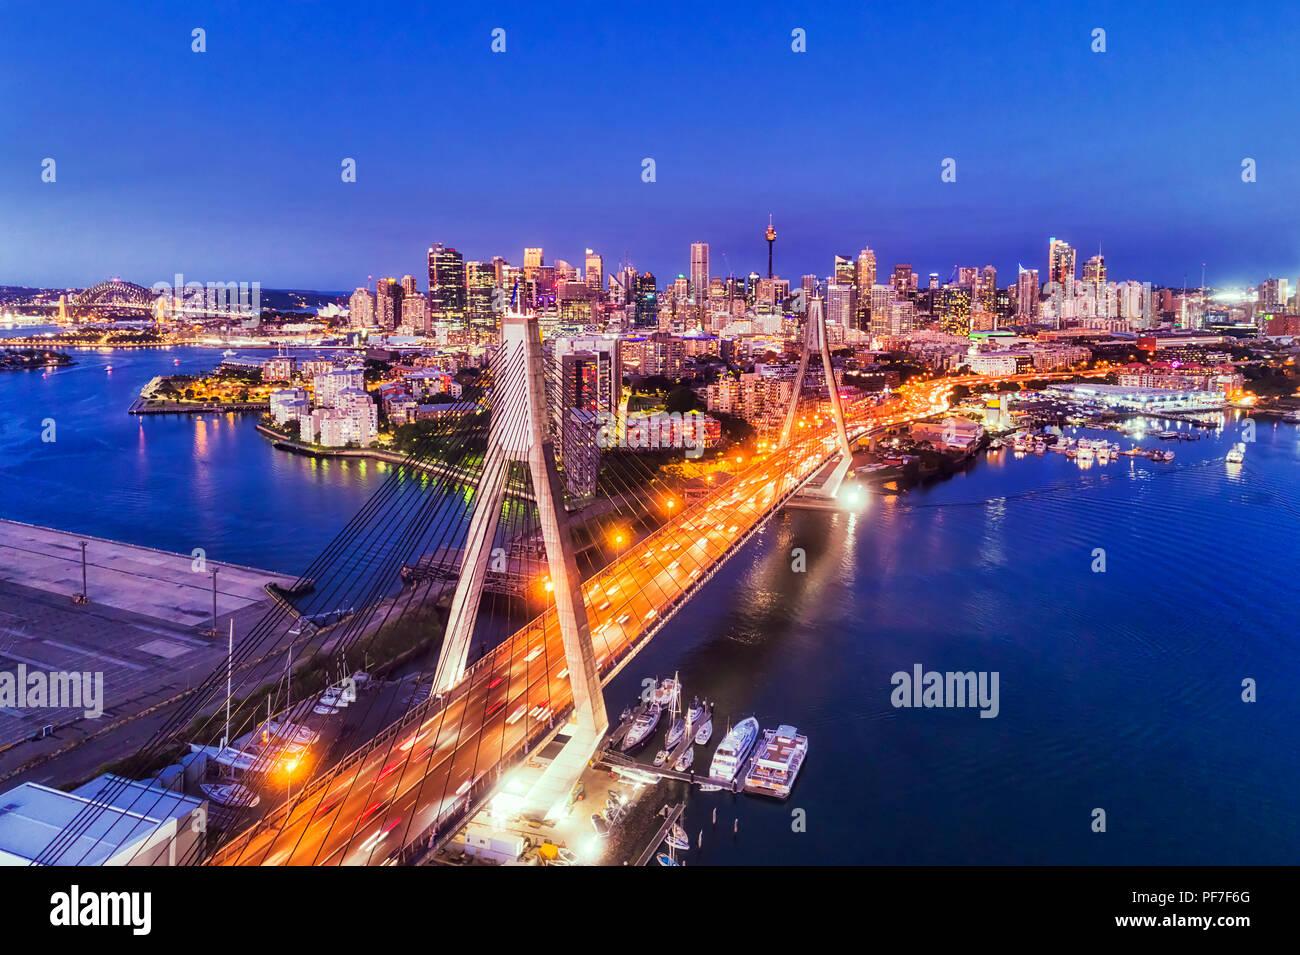 Helles Kabel Anzac Brücke über den Hafen von Sydney, die zu Stadt CBD bei Sonnenuntergang unter dark blue sky in Australien beleuchtet. Stockbild